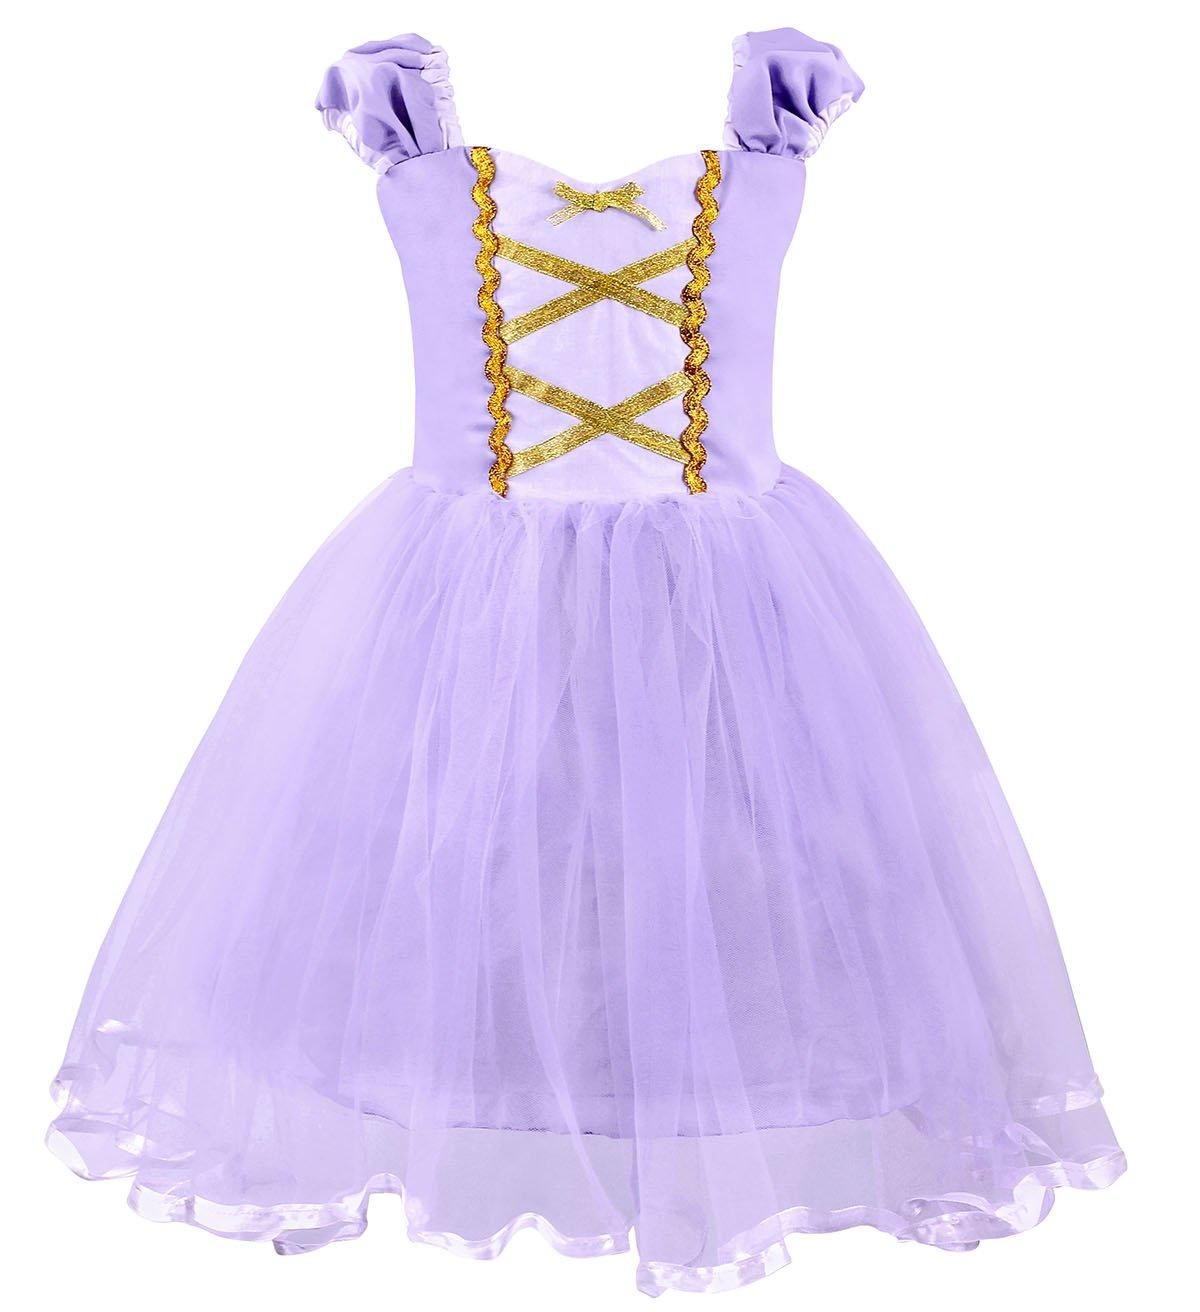 AmzBarley Little Girls Princess Rapunzel Dress Costume Tutu Skirt Baby Clothes G006-CA